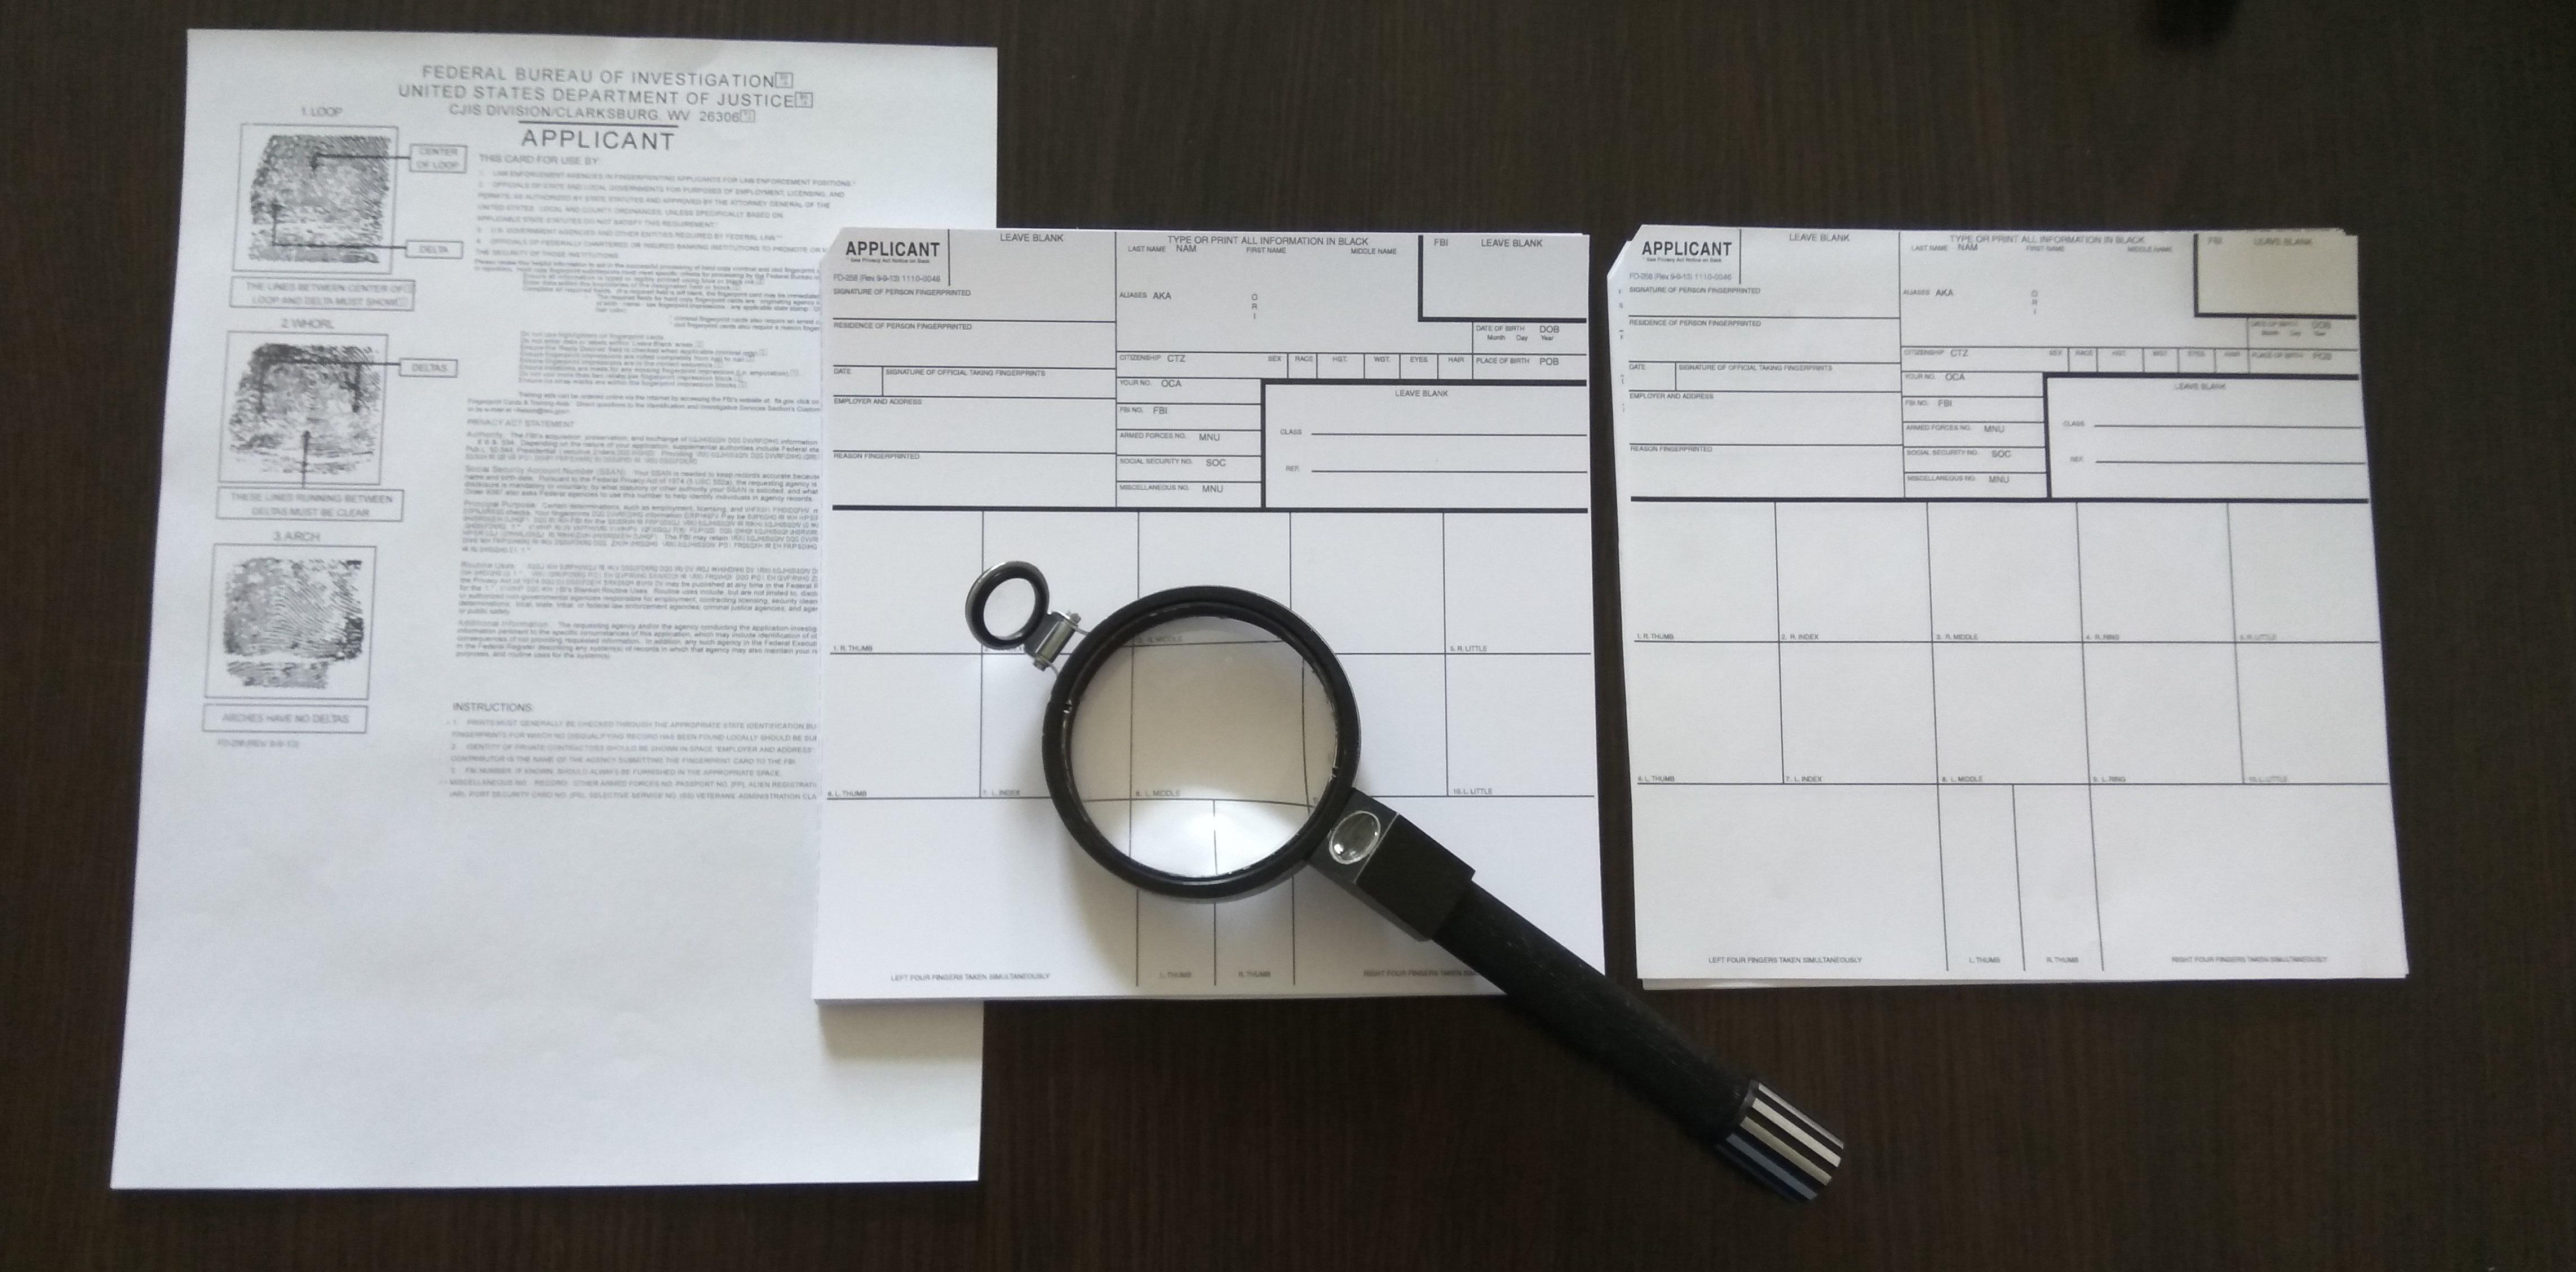 Fill in the form FD 258, fingerprinting in Kiev.